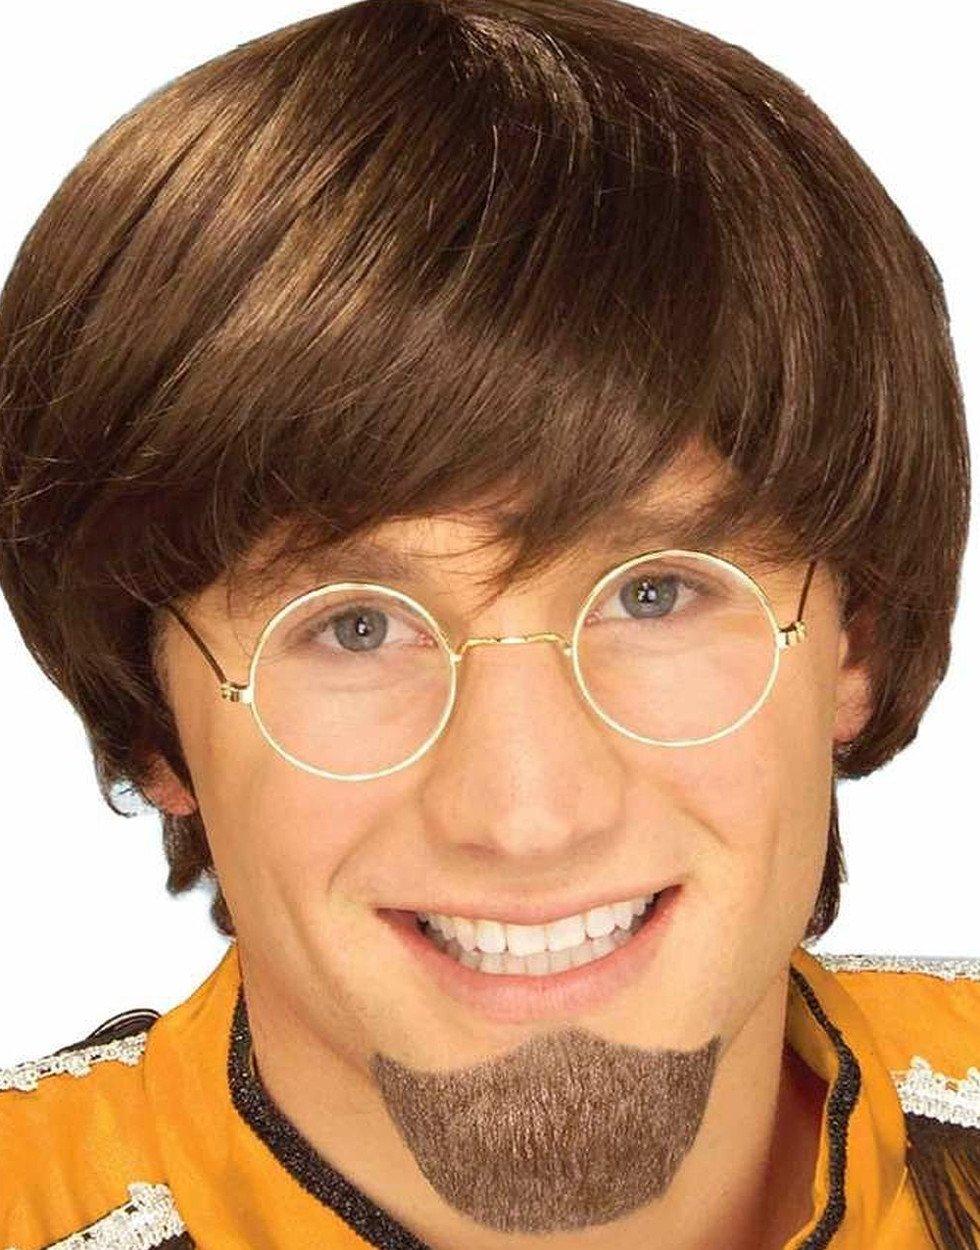 Forum Novelties Men's Human Hair Goatee Beard Brown One Size Forum Novelties Costumes 59856